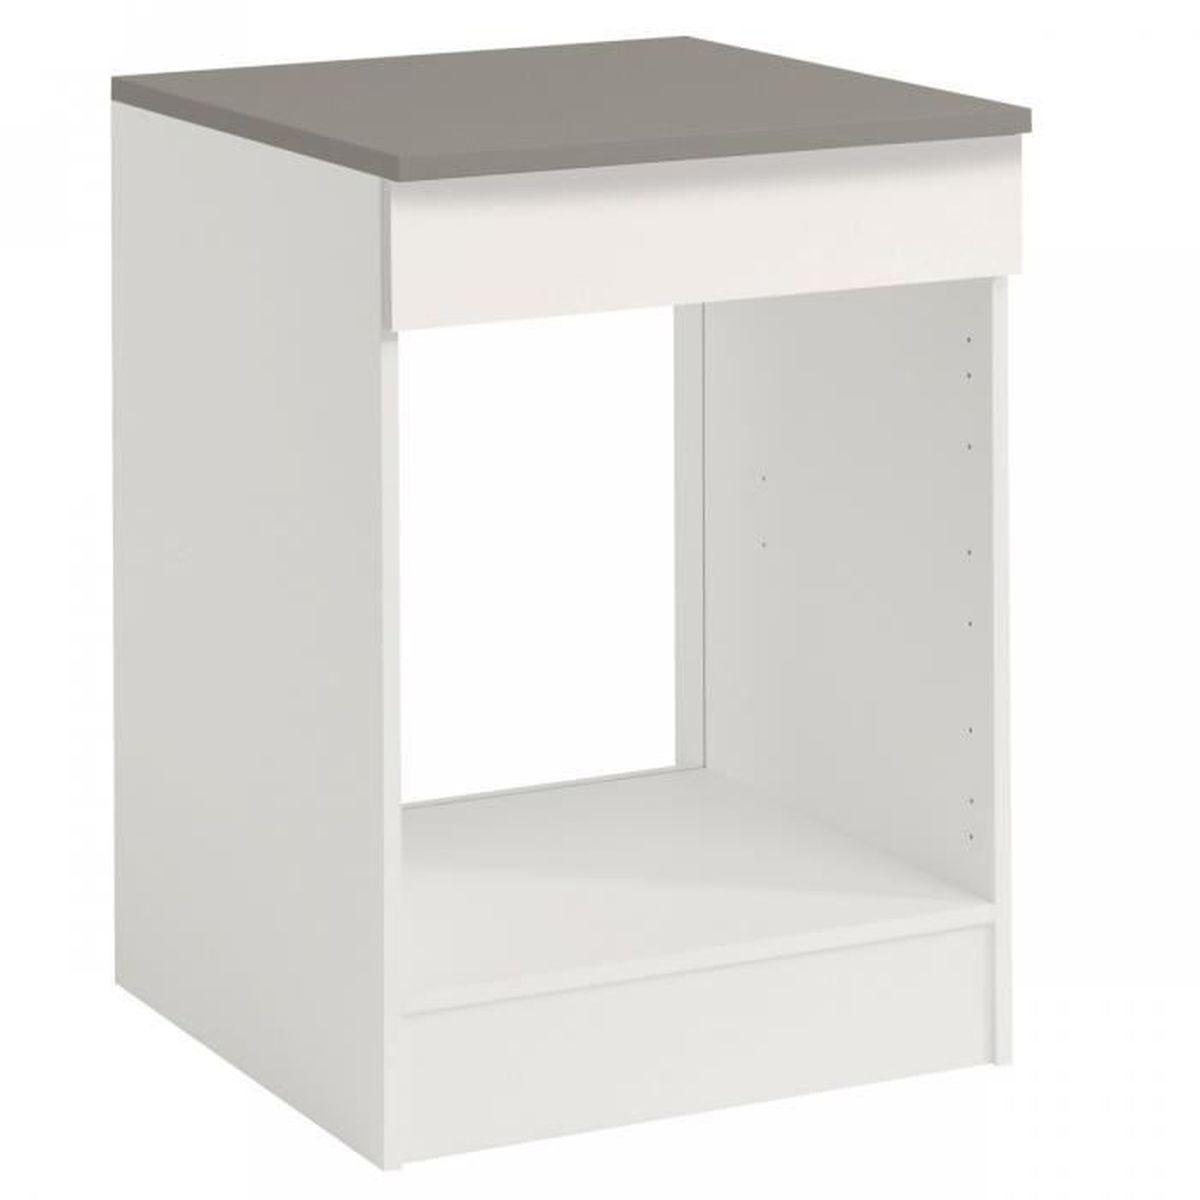 Meuble Four Plaque Induction luna blanc - meuble four 60cm - achat / vente elements bas